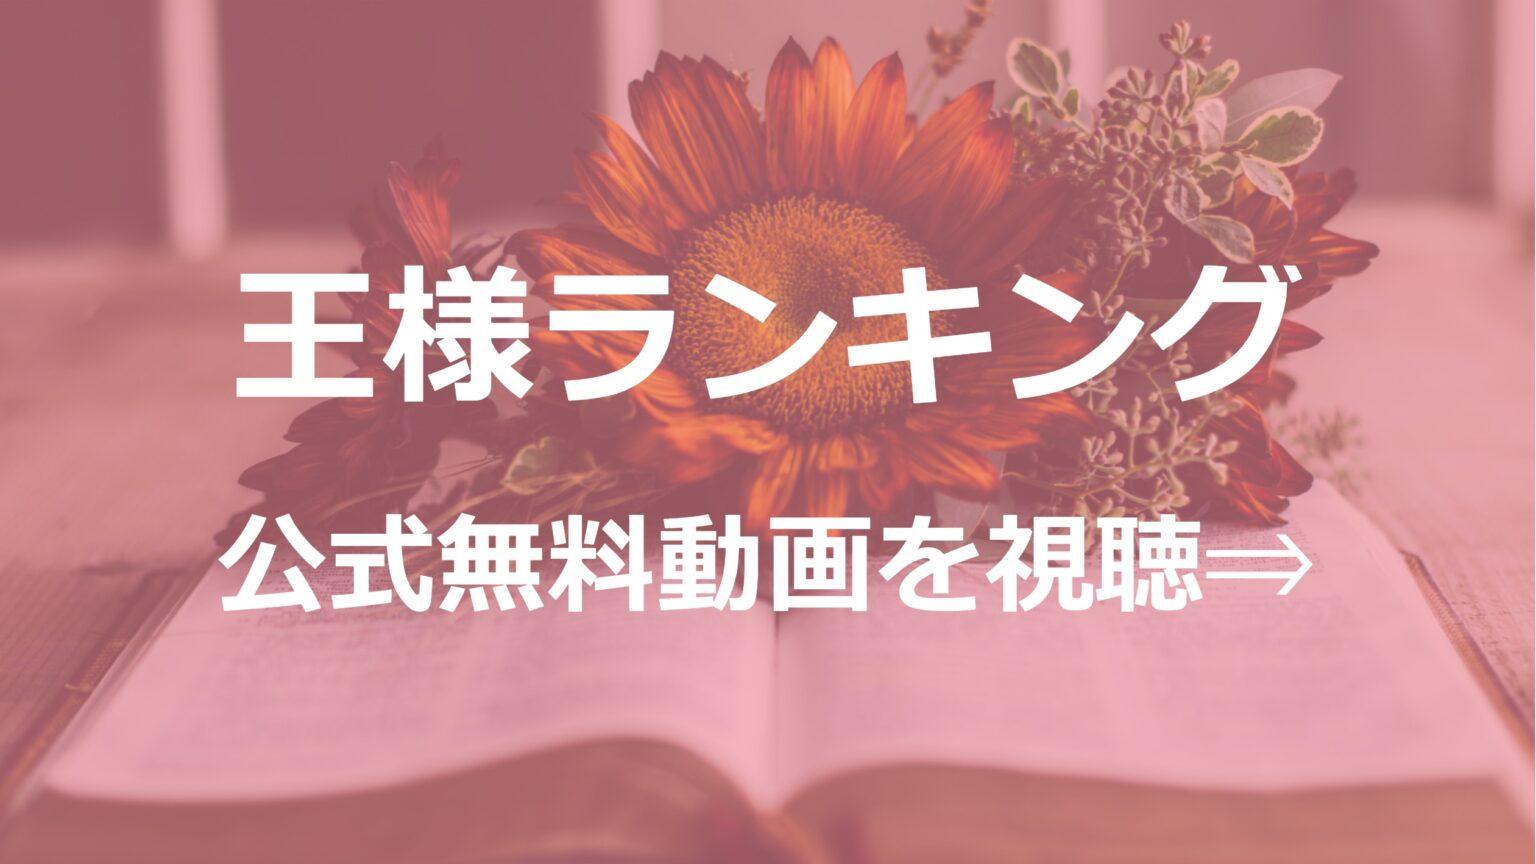 人気アニメ「王様ランキング」無料フル動画は公式配信サービスで1話~全話視聴できる